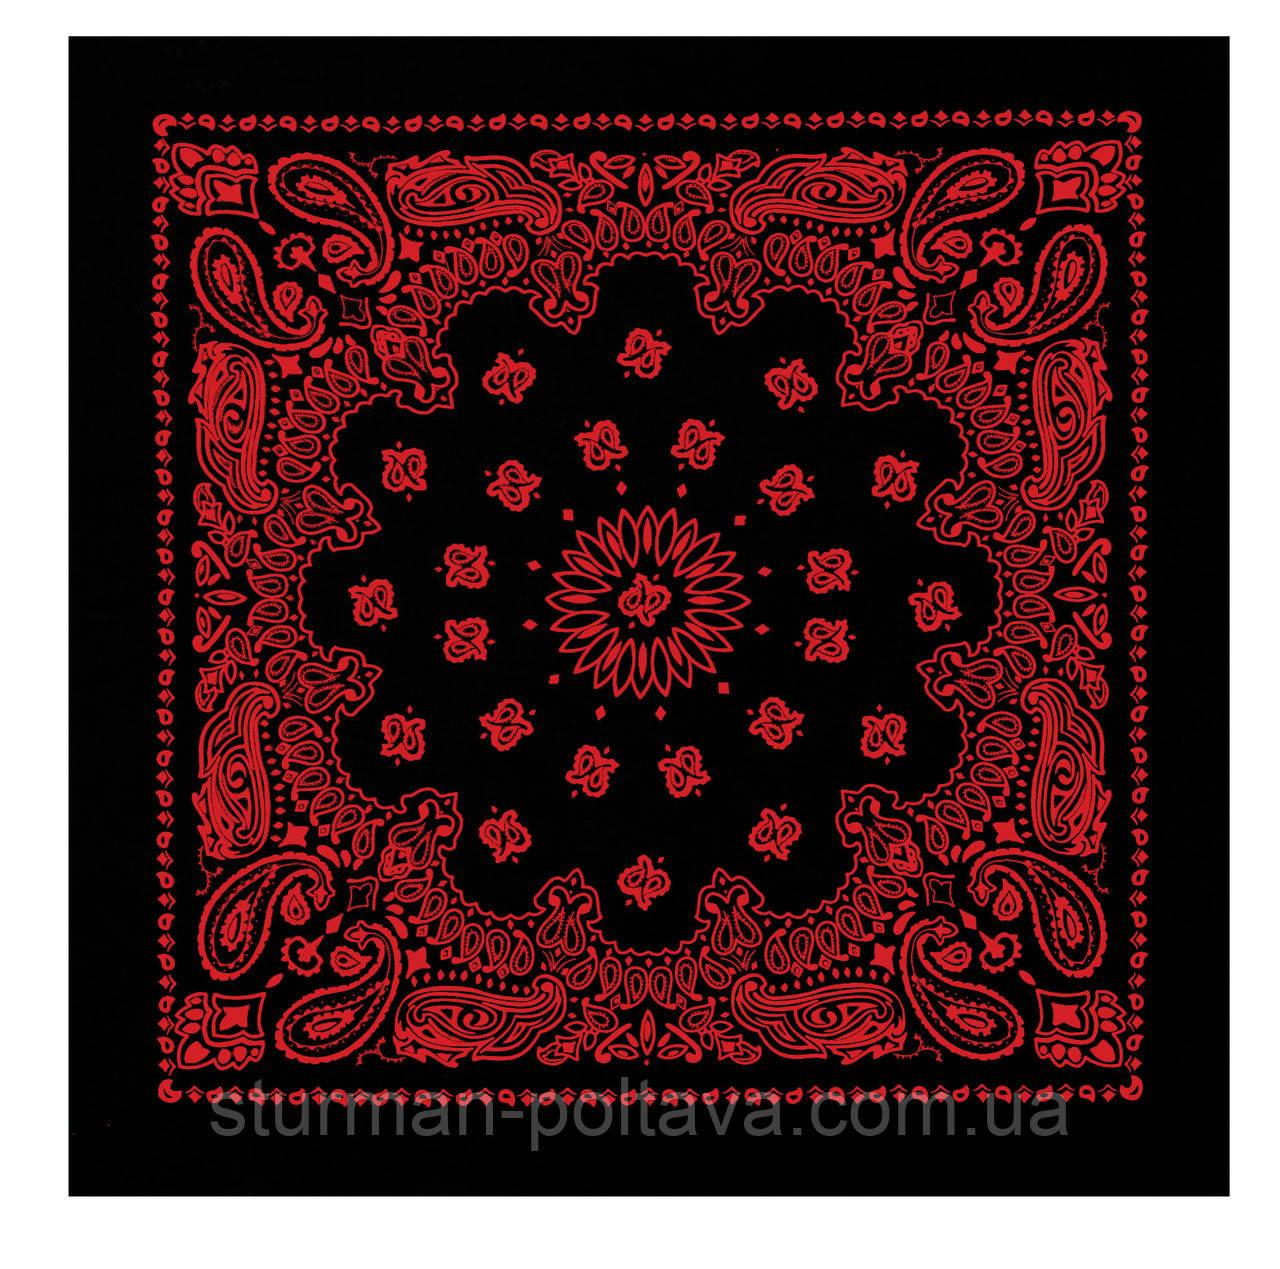 Бандана  большая с классическим  рисунком черная с красным  70х70 см